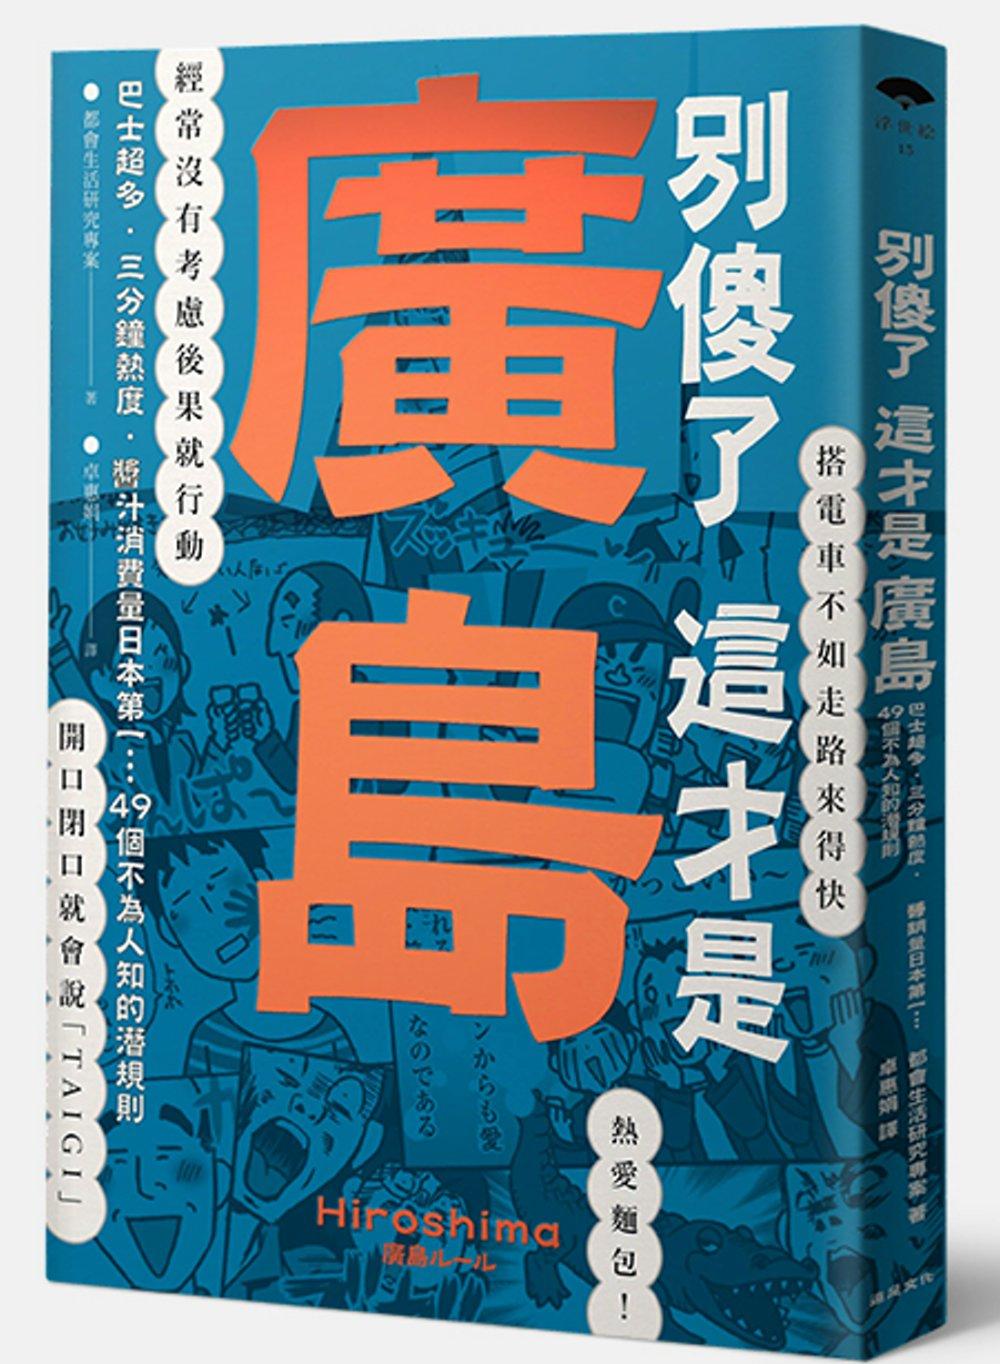 別傻了這才是廣島:巴士超多‧三分鐘熱度‧醬汁消費量日本第一…49個不為人知的潛規則